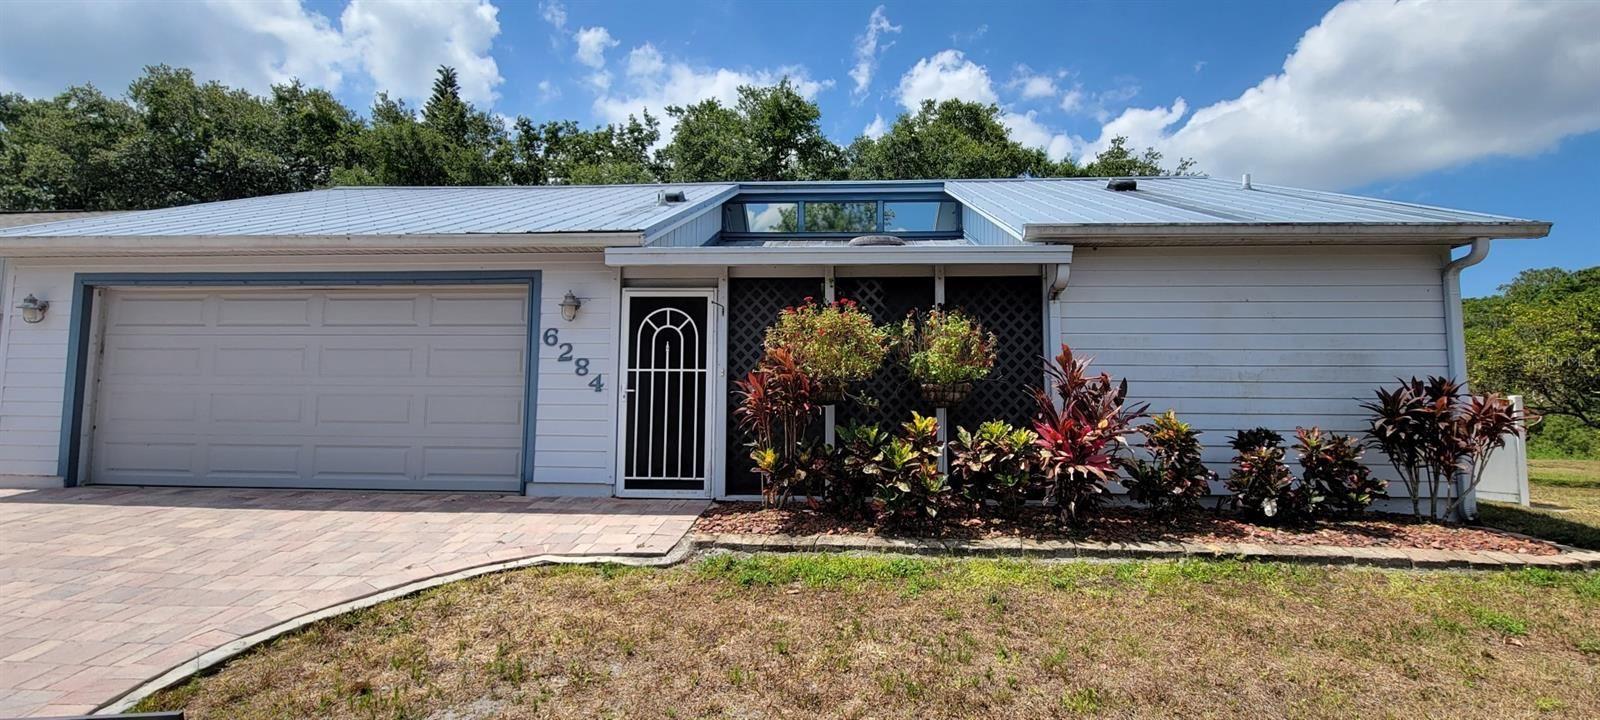 6284 BIKINI ROAD, Sarasota, FL 34241 - #: A4502128